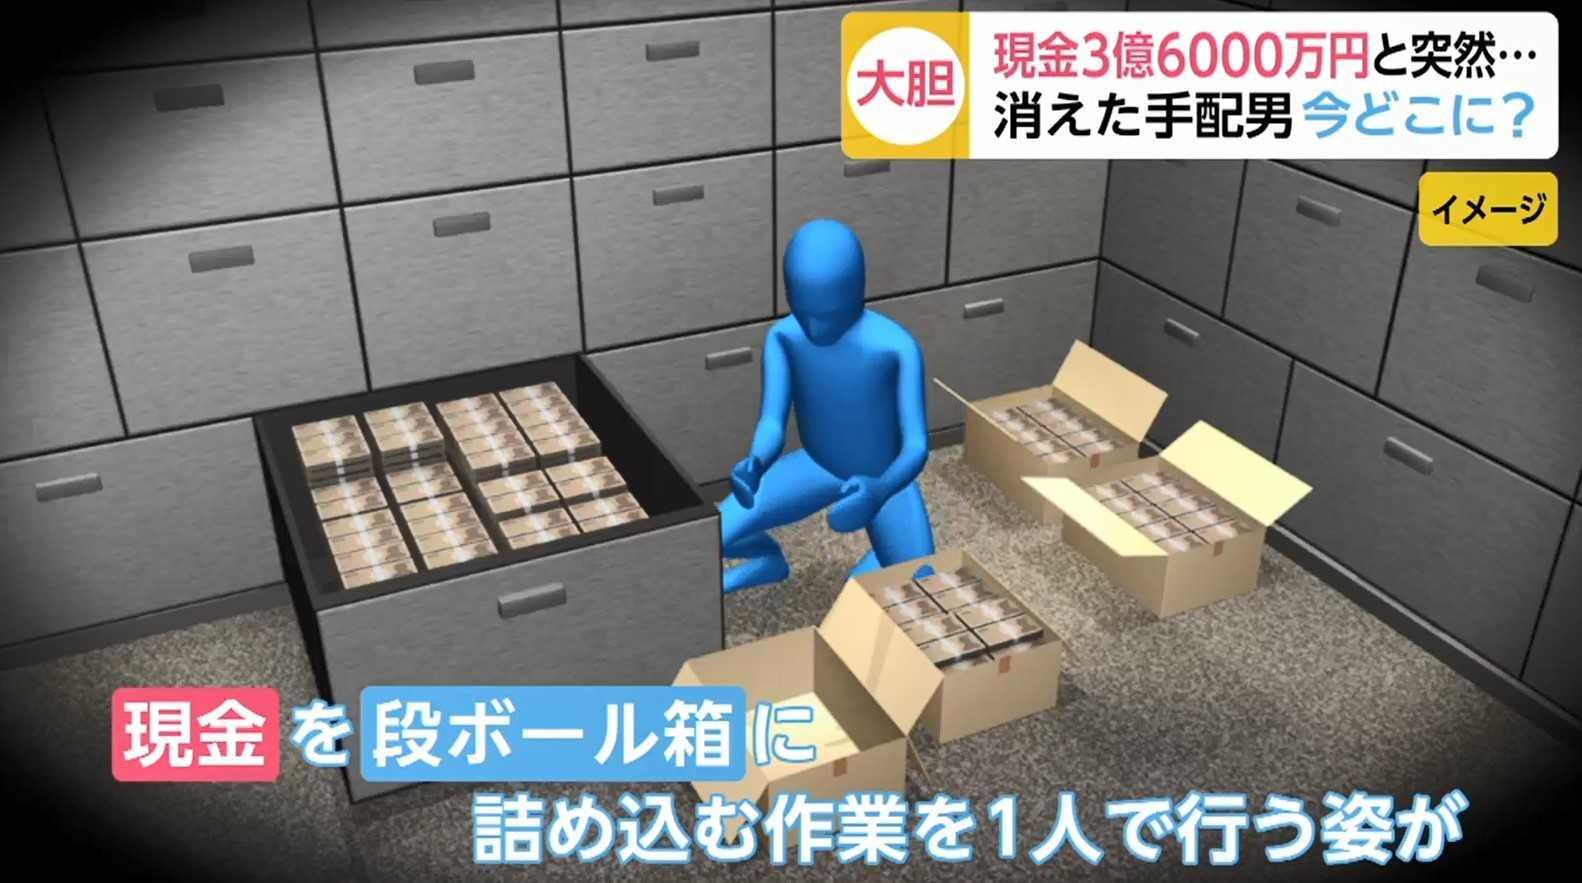 日本安保经理对自家公司下手 偷36公斤现金后溜走